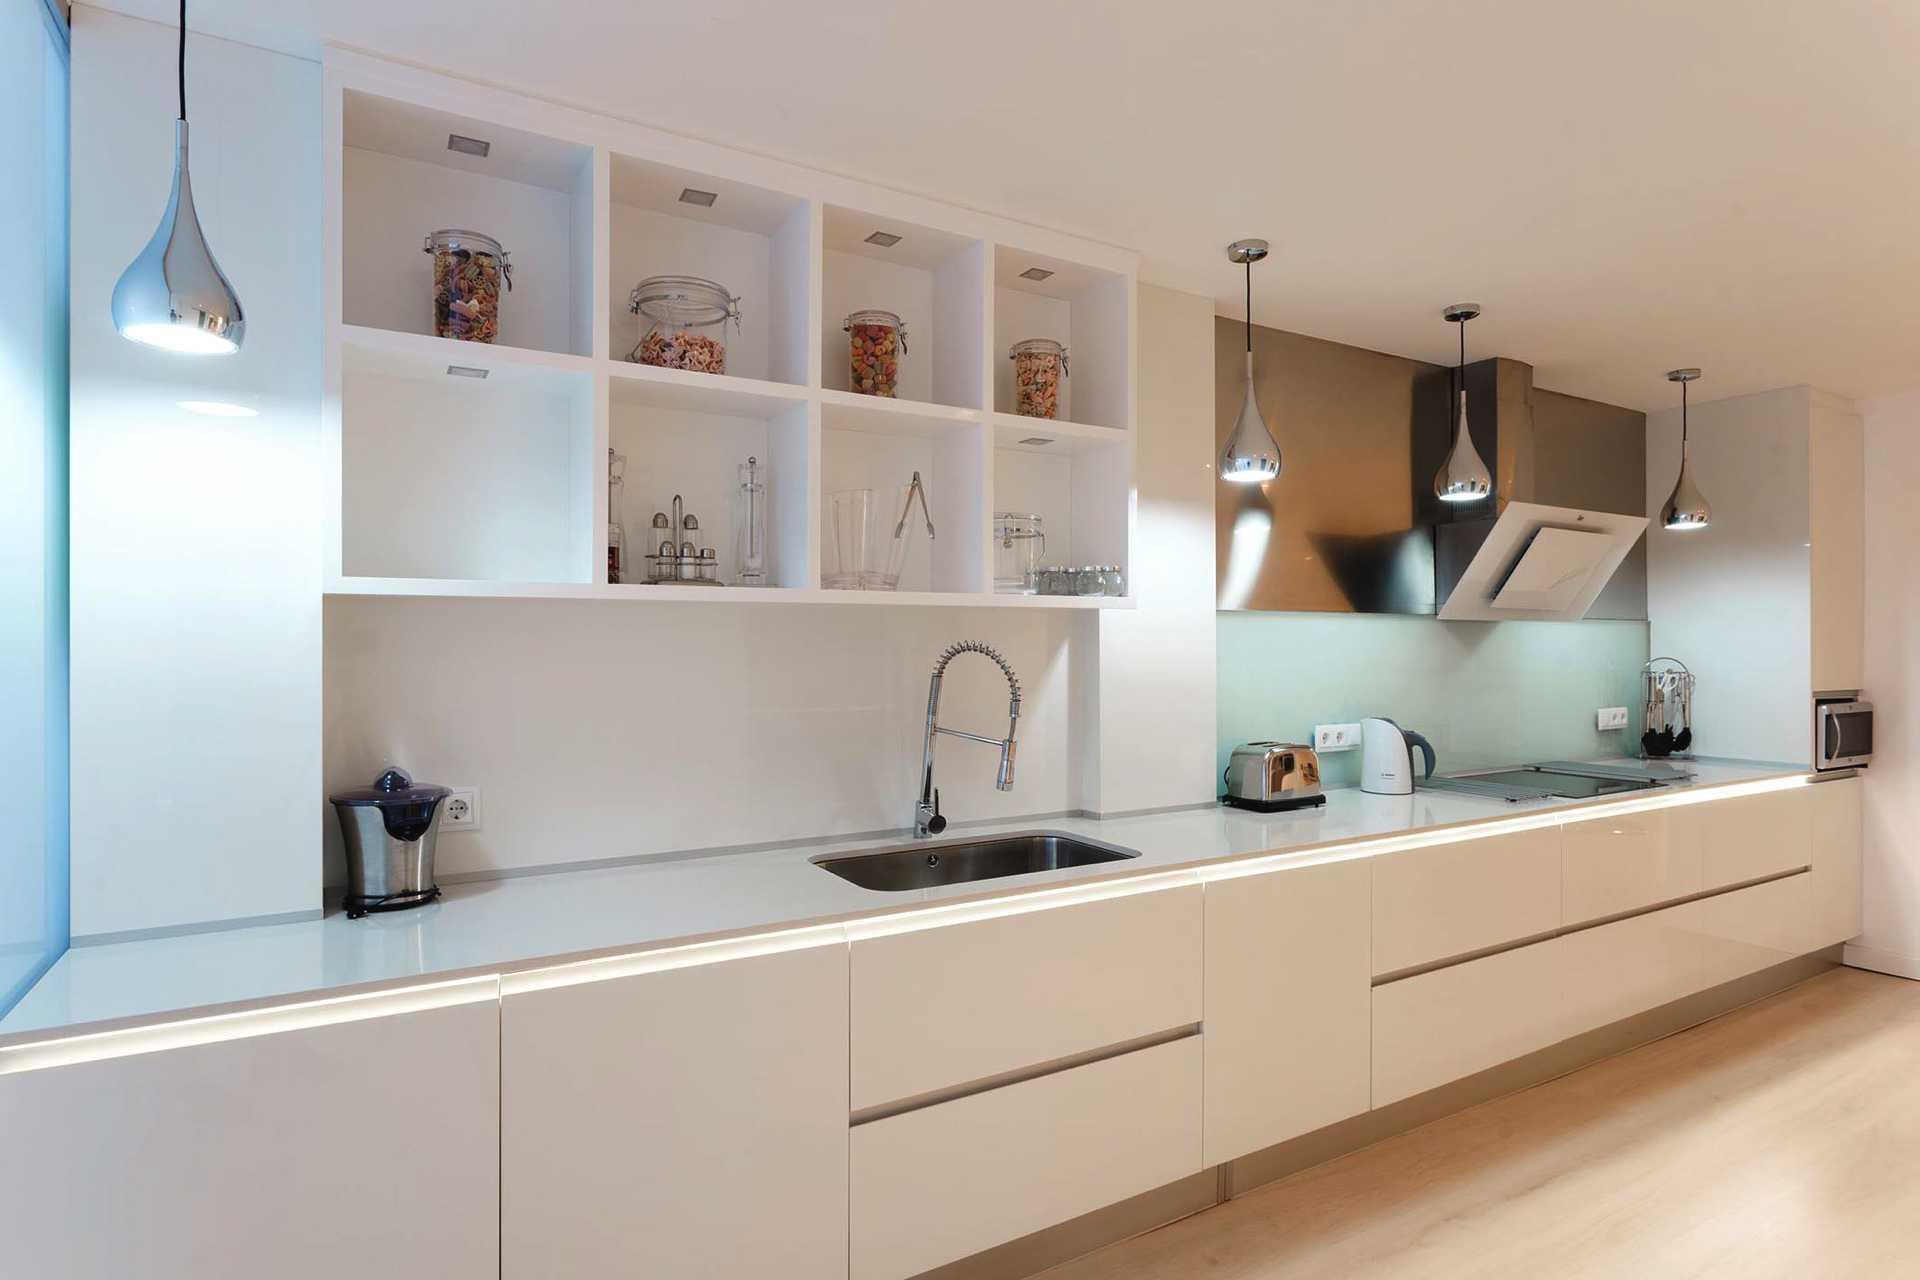 01-291 exclusive apartment Mallorca north Bild 14